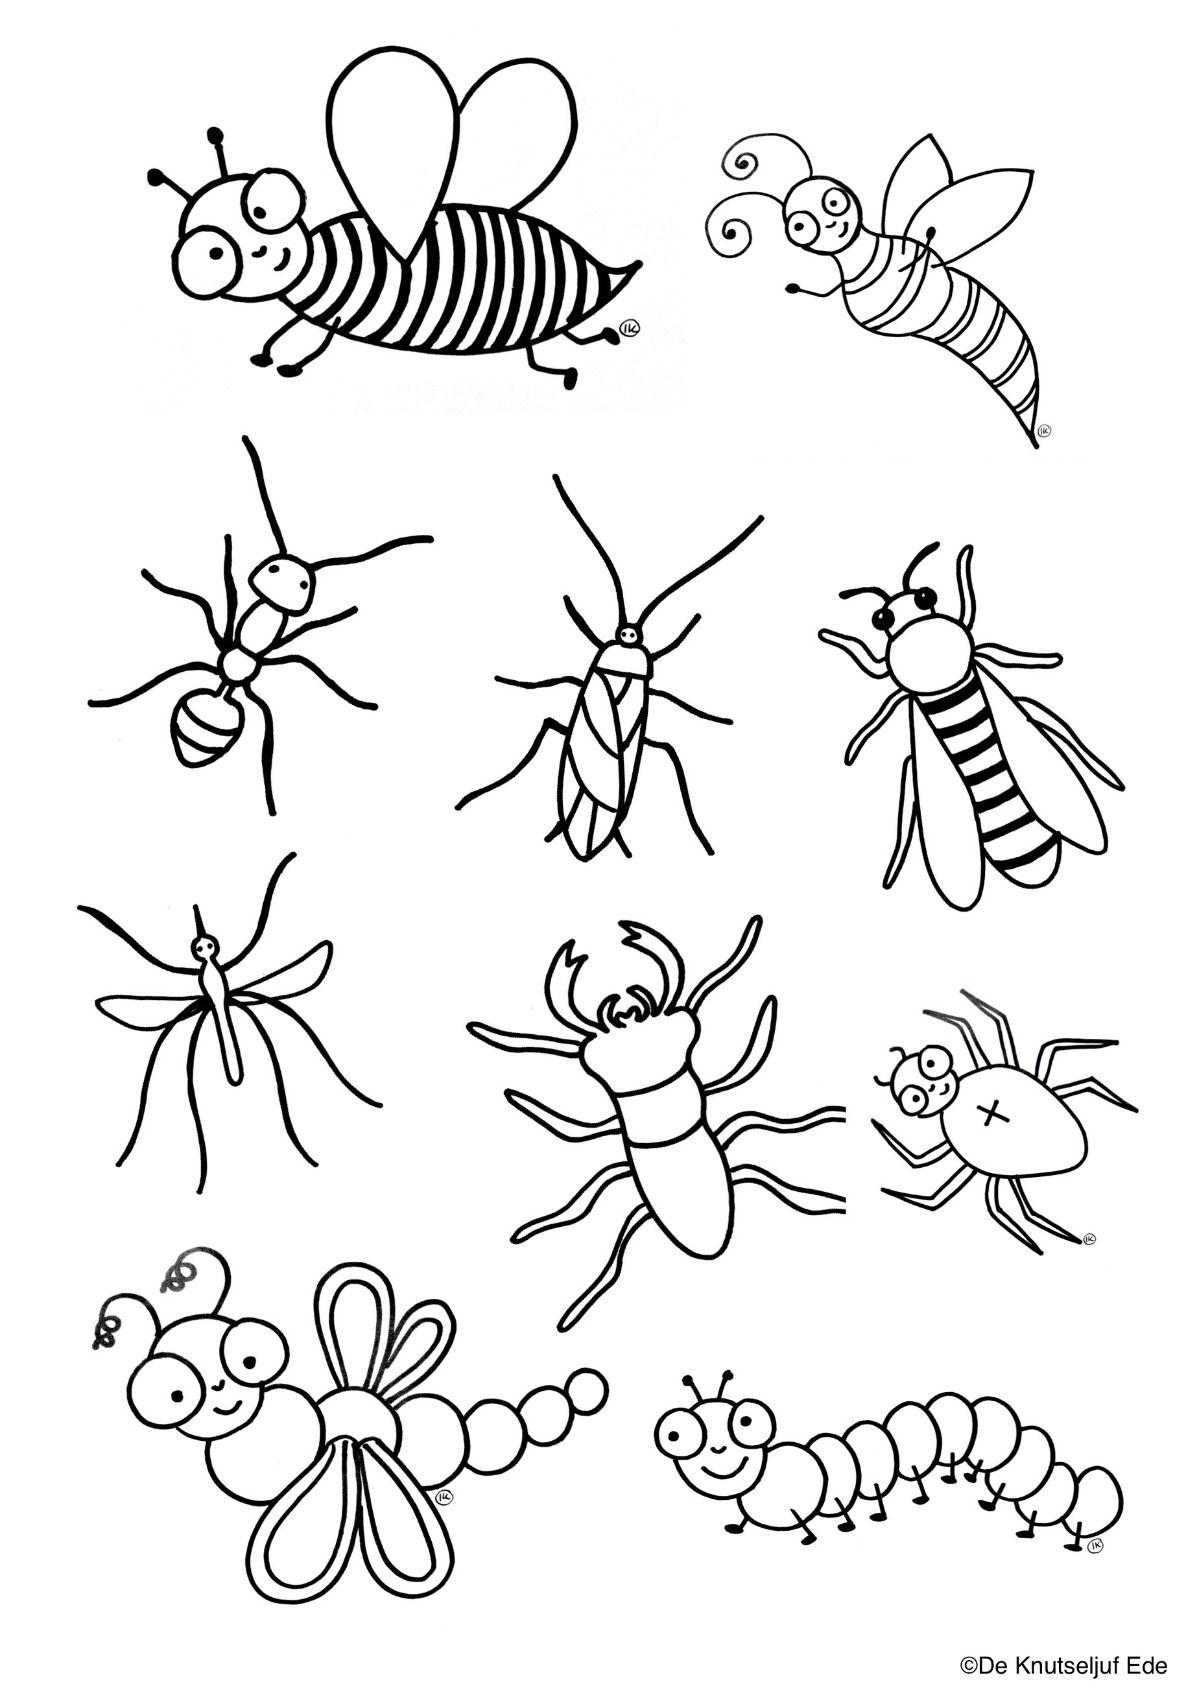 Kleurplaten Kriebelbeestjes Insekten Kleurplaat Kleurplaten Deknutseljuf Sprinkhaan De Knutseljuf Ede Kleurplaten Thema Sprinkhaan